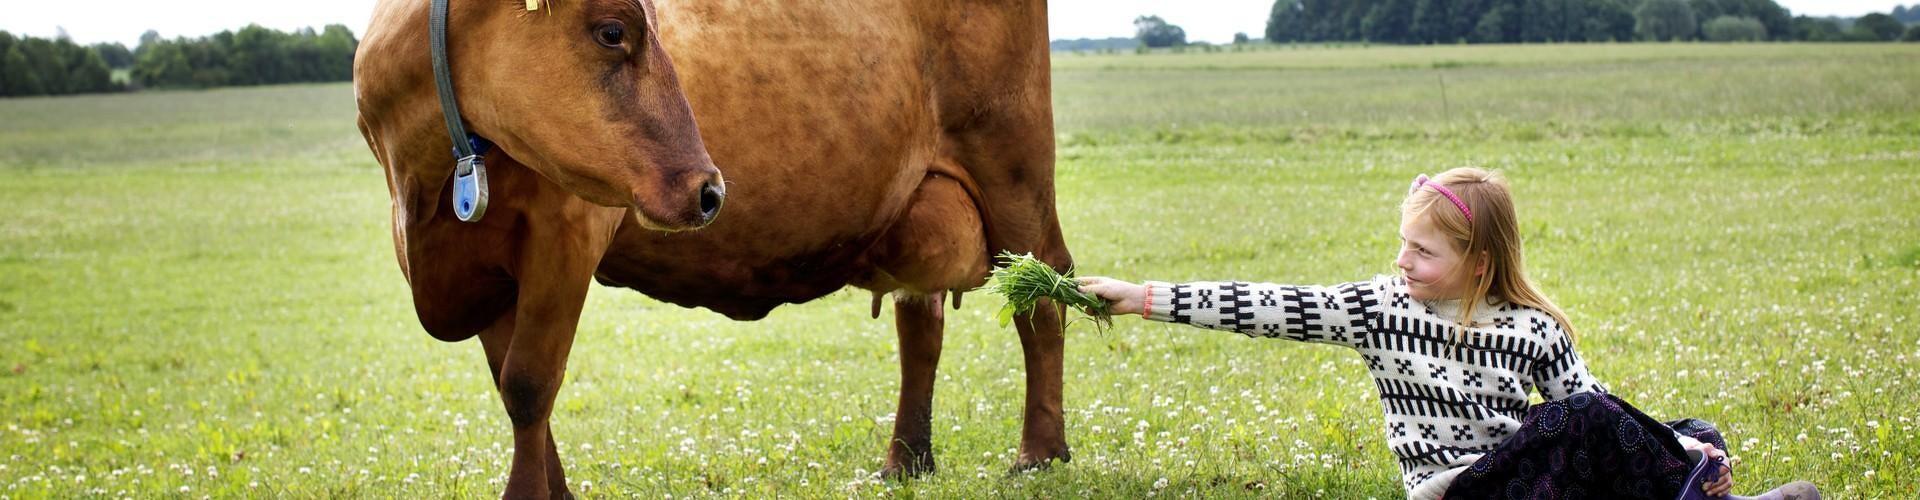 Åbent landbrug over hele landet